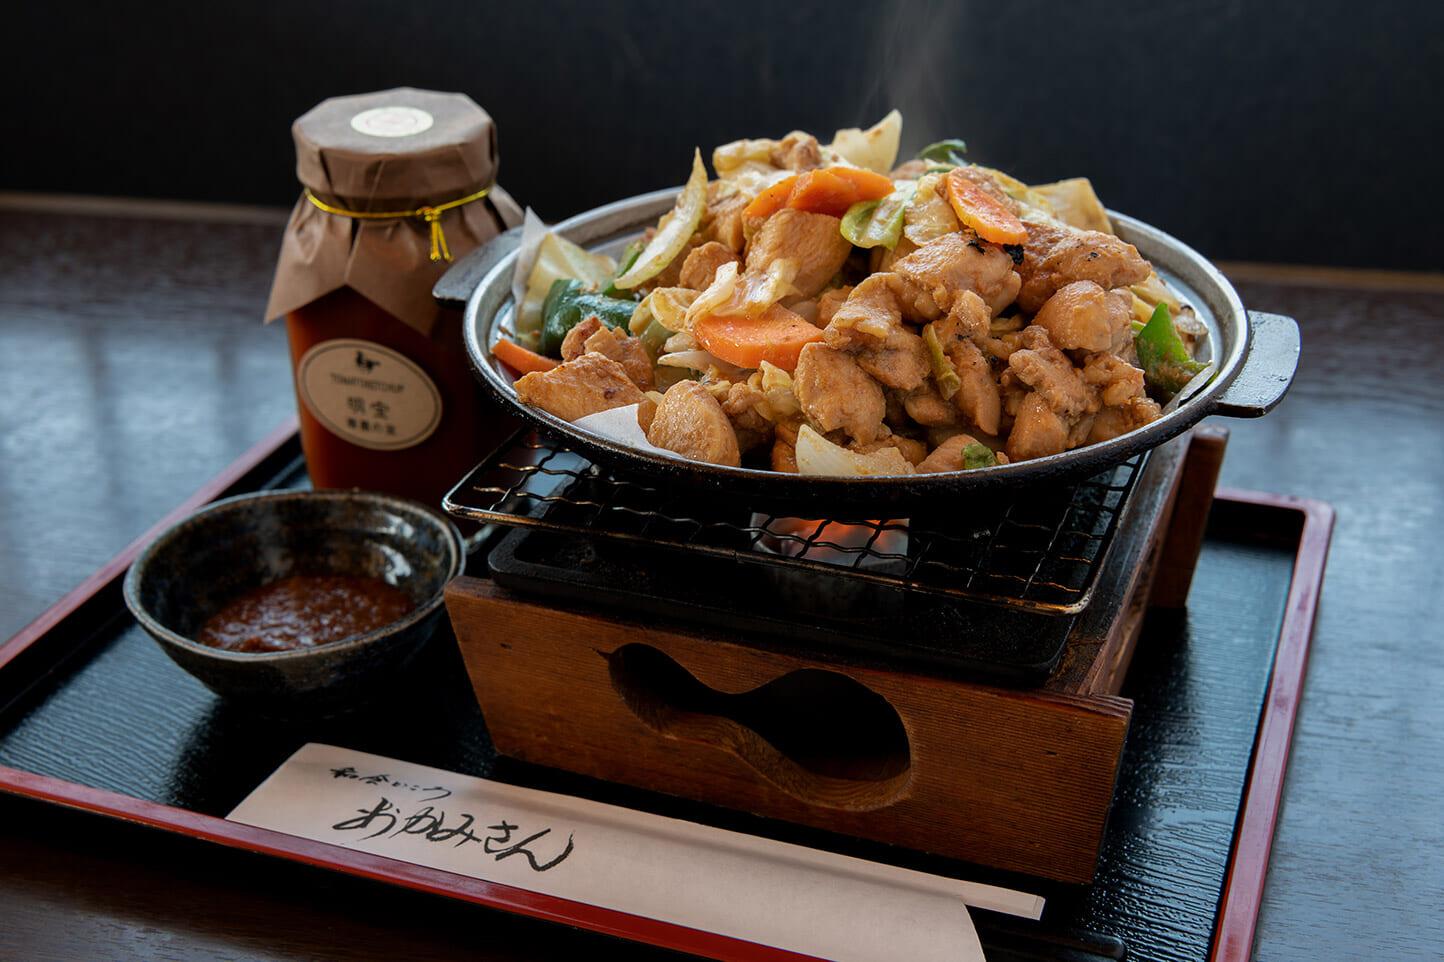 和食処 おかみさん スライダー画像2